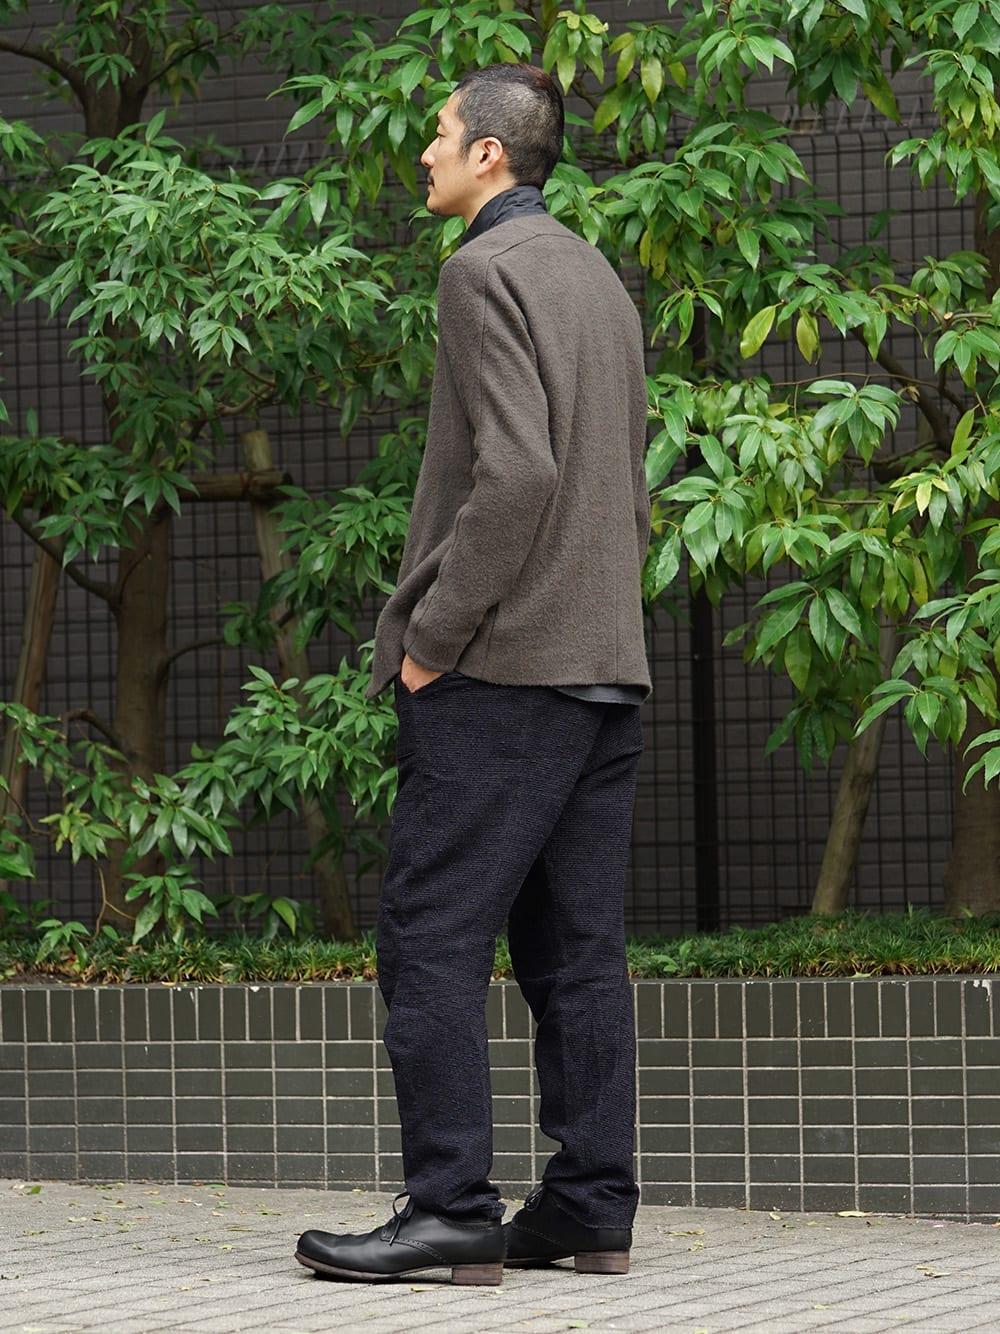 DEVOA 18-19AW Camel / Linen Coat & Jacket style FW18-19-013